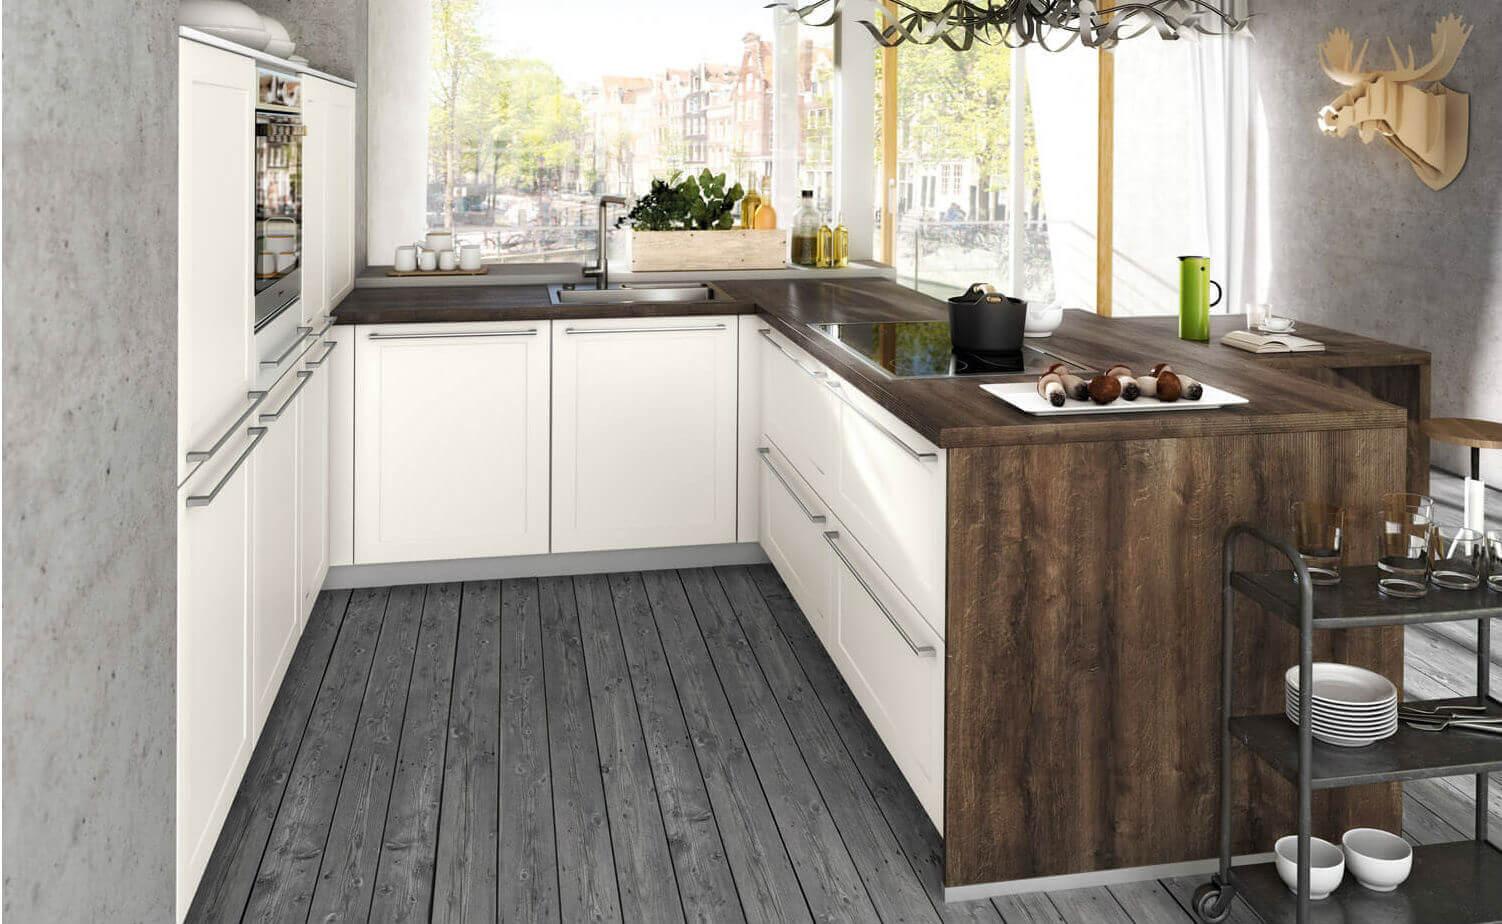 Welche Spülmaschine In Ikea Küche | Farbe Für Holzdecke ...